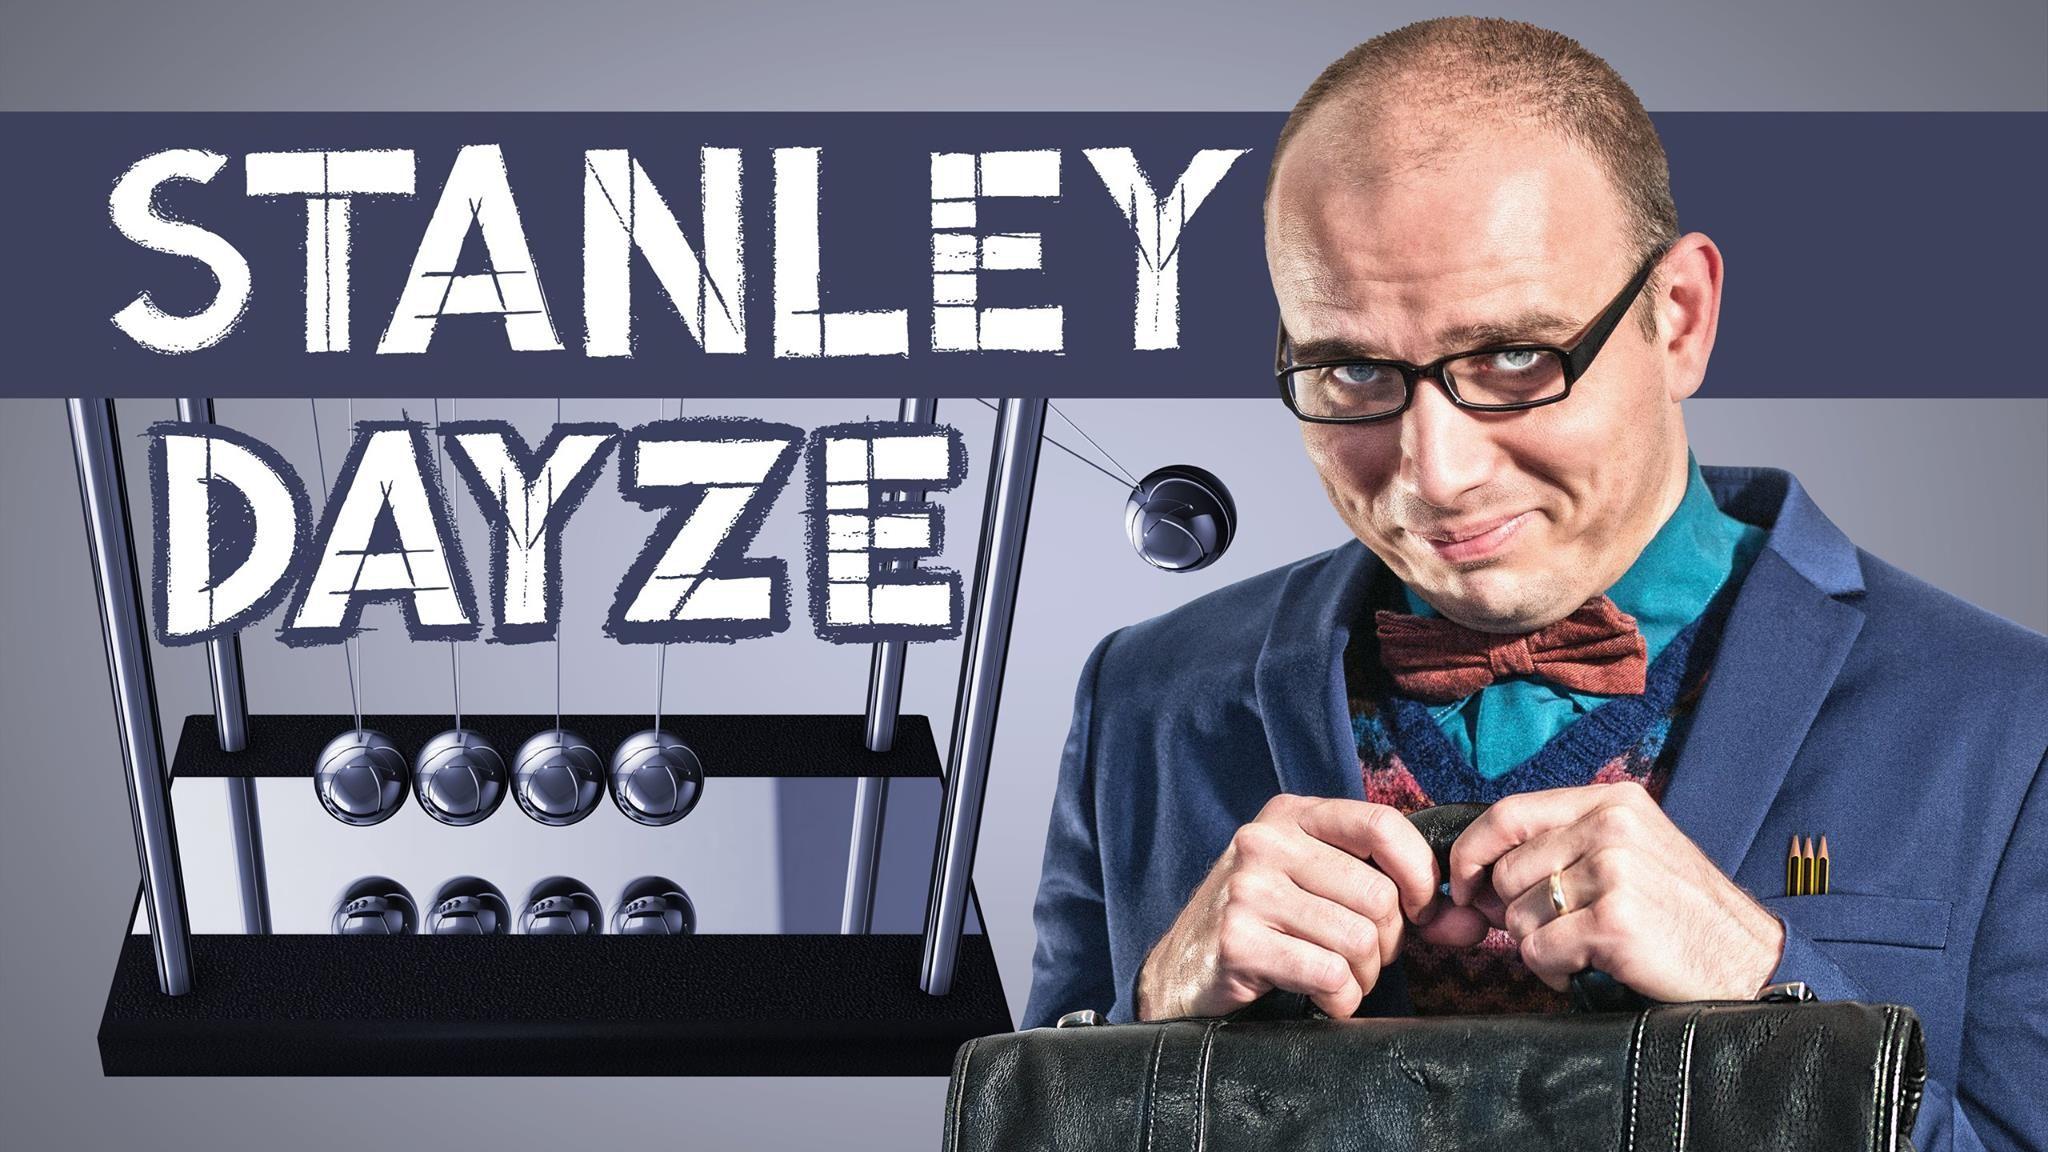 Stanley Dayze